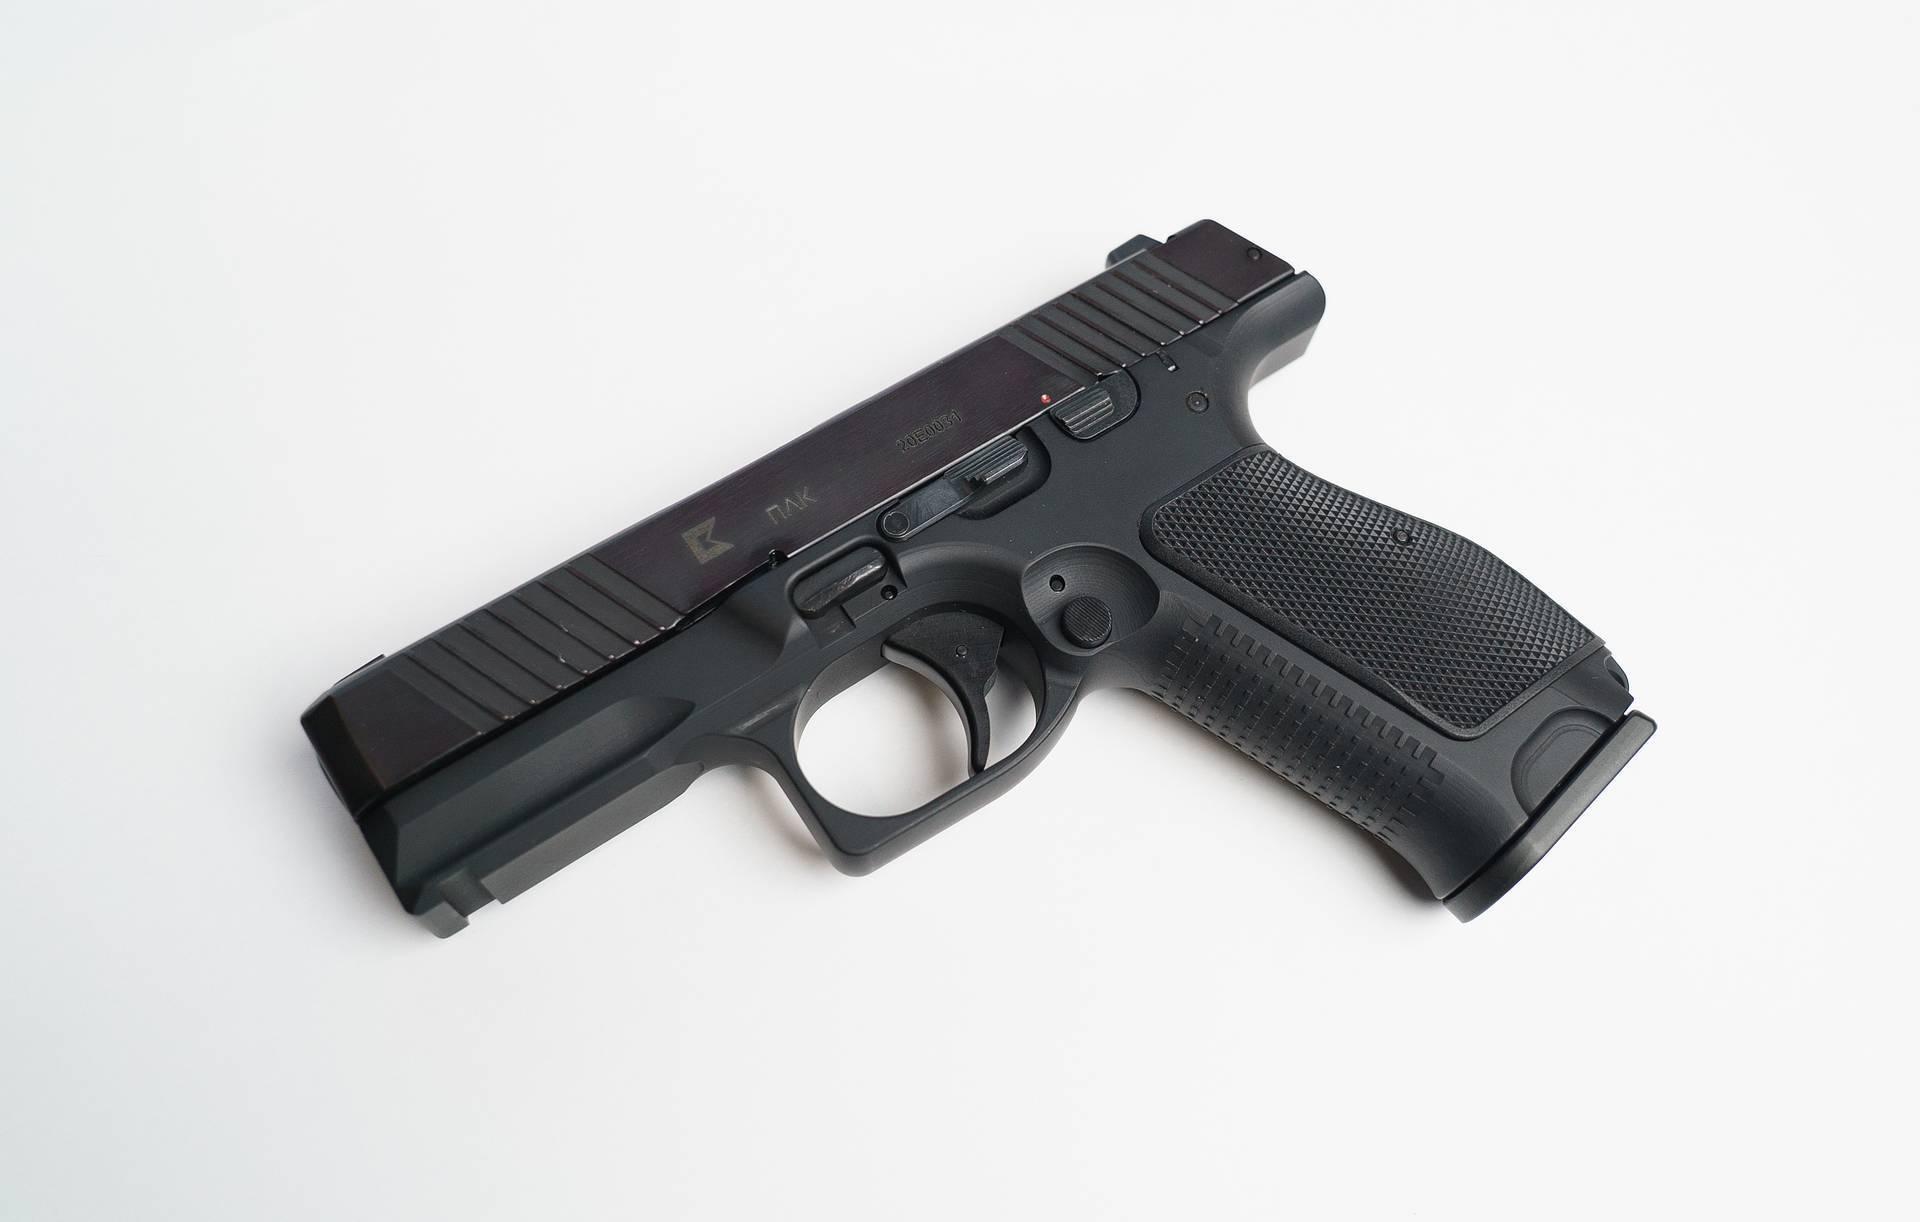 Россия выпустит за рубежом новый пистолет